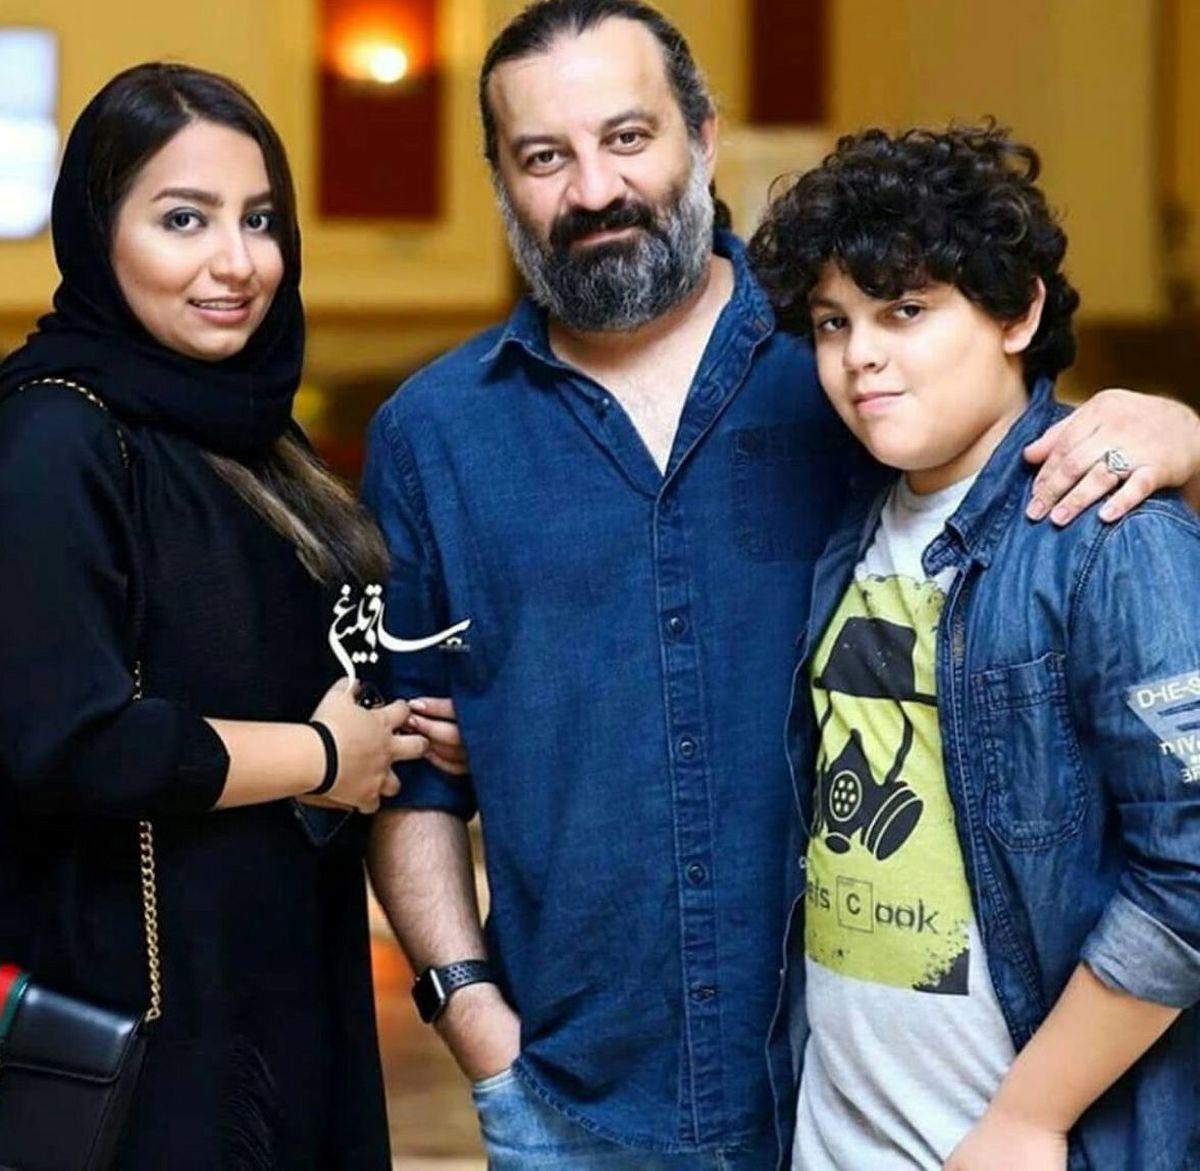 پیام خنده دار محراب قاسم خانی به دخترش